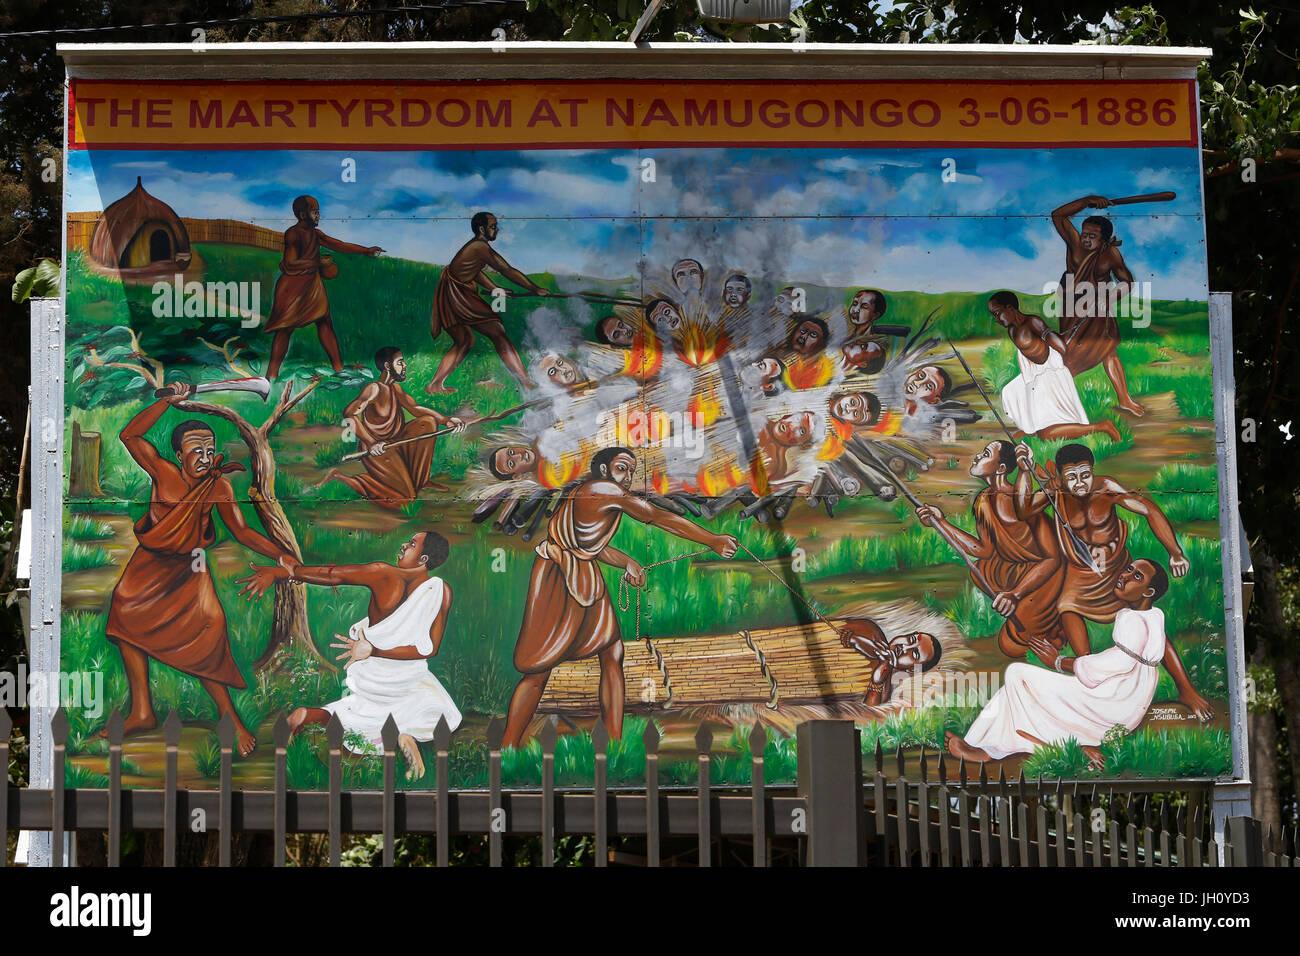 Namugongo martyrs' shrine, Kampala. Uganda. - Stock Image